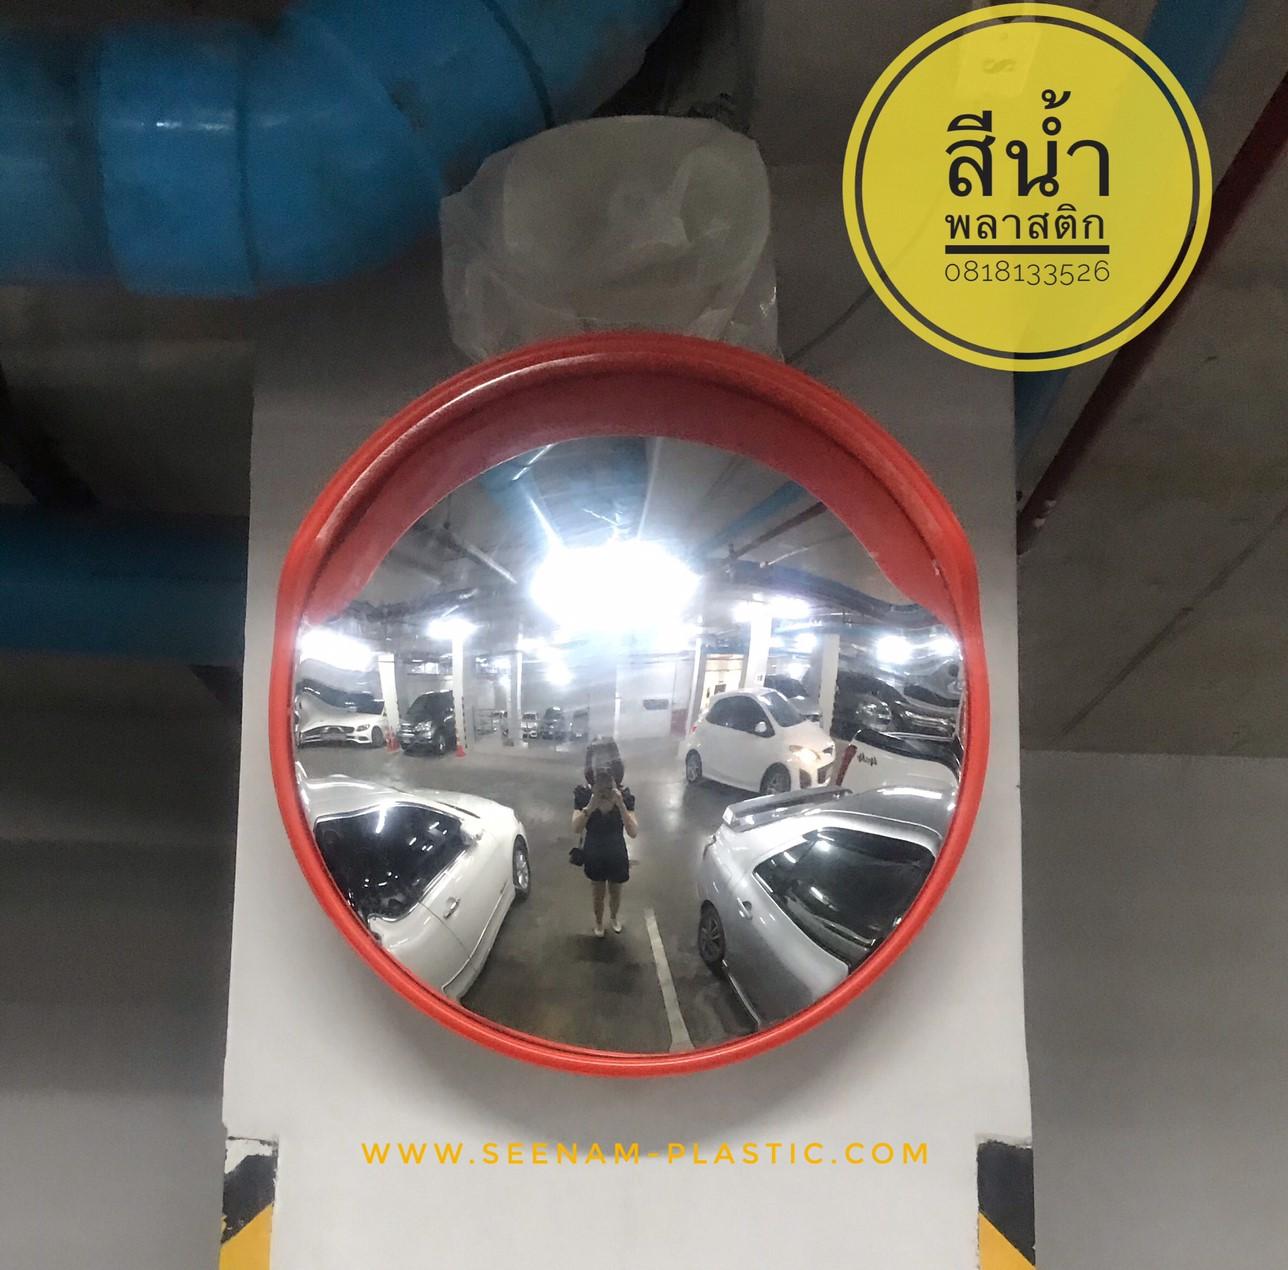 กระจกโค้งจราจร กระจกมองทางโค้ง กระจกติดทางโค้ง กระจกโค้ง กระจกโค้งส่องทาง กระจกจราจร กระจกโค้งนูน กระจกโค้งโพลี กระจกโค้งโพลีคาร์บอเนต